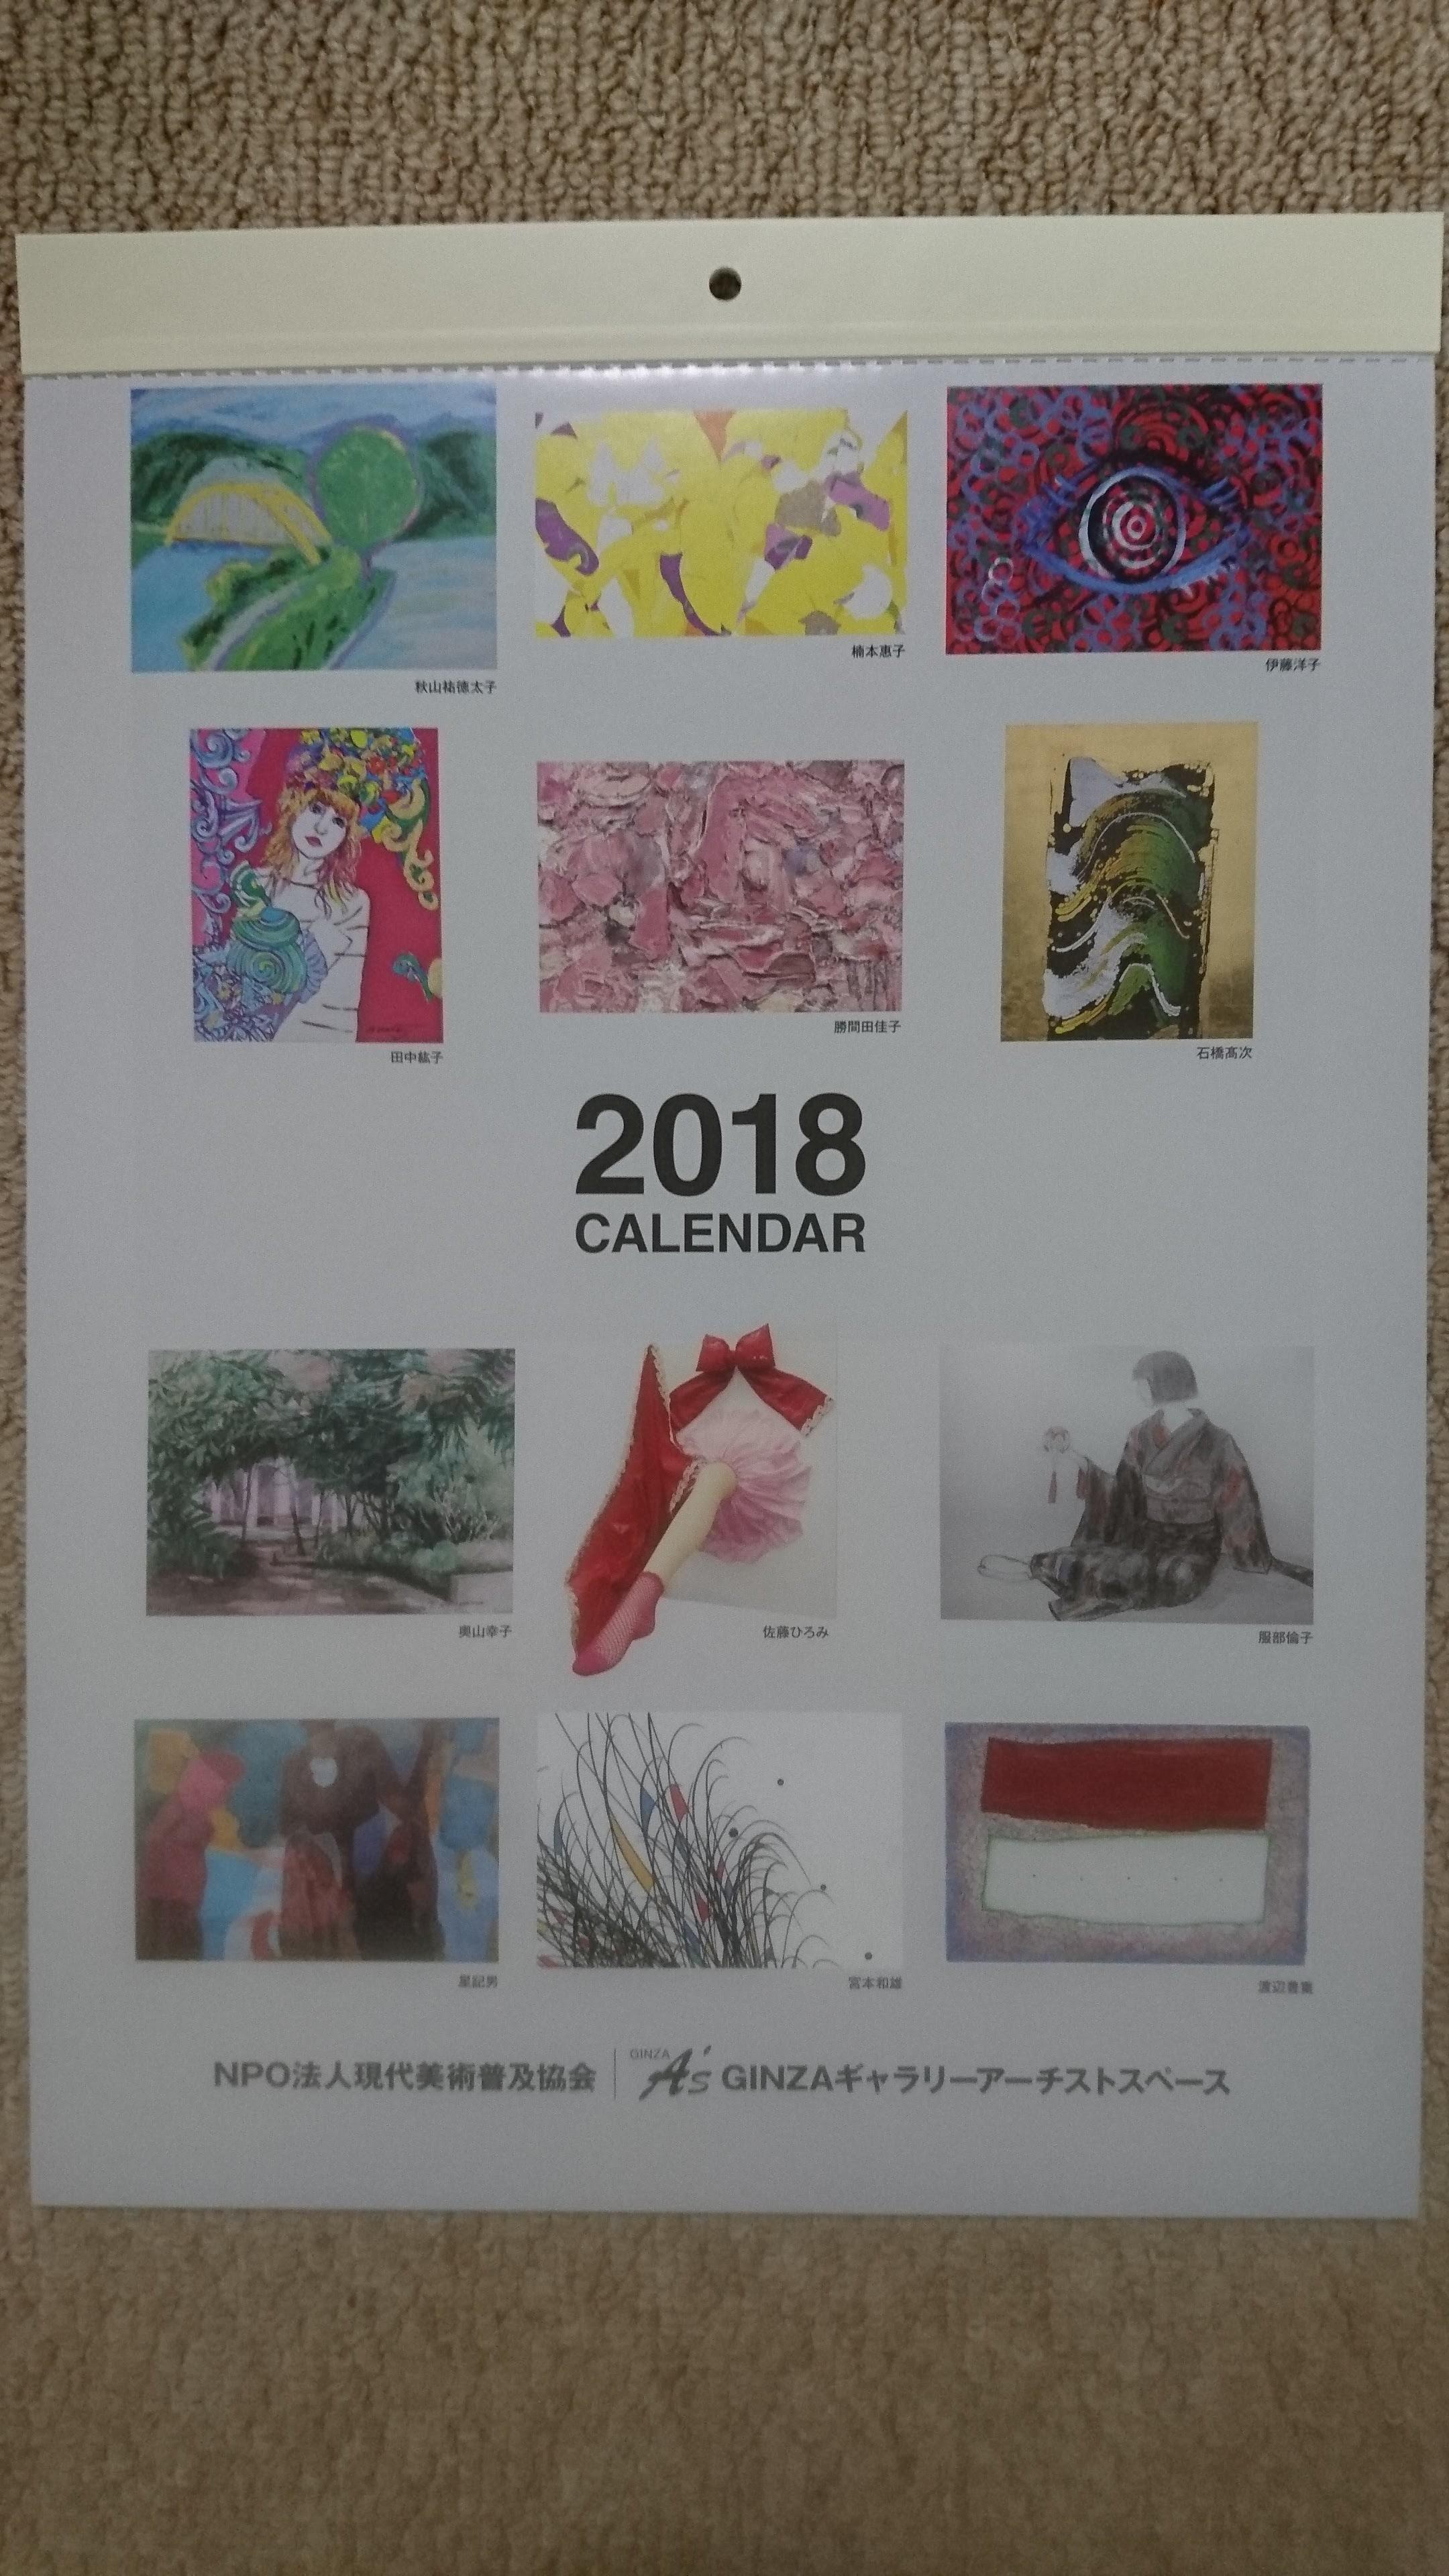 欲しいカタ、差し上げます、タダで。伊藤洋子はじめ12の画家によるスペシャル2018年カレンダー。